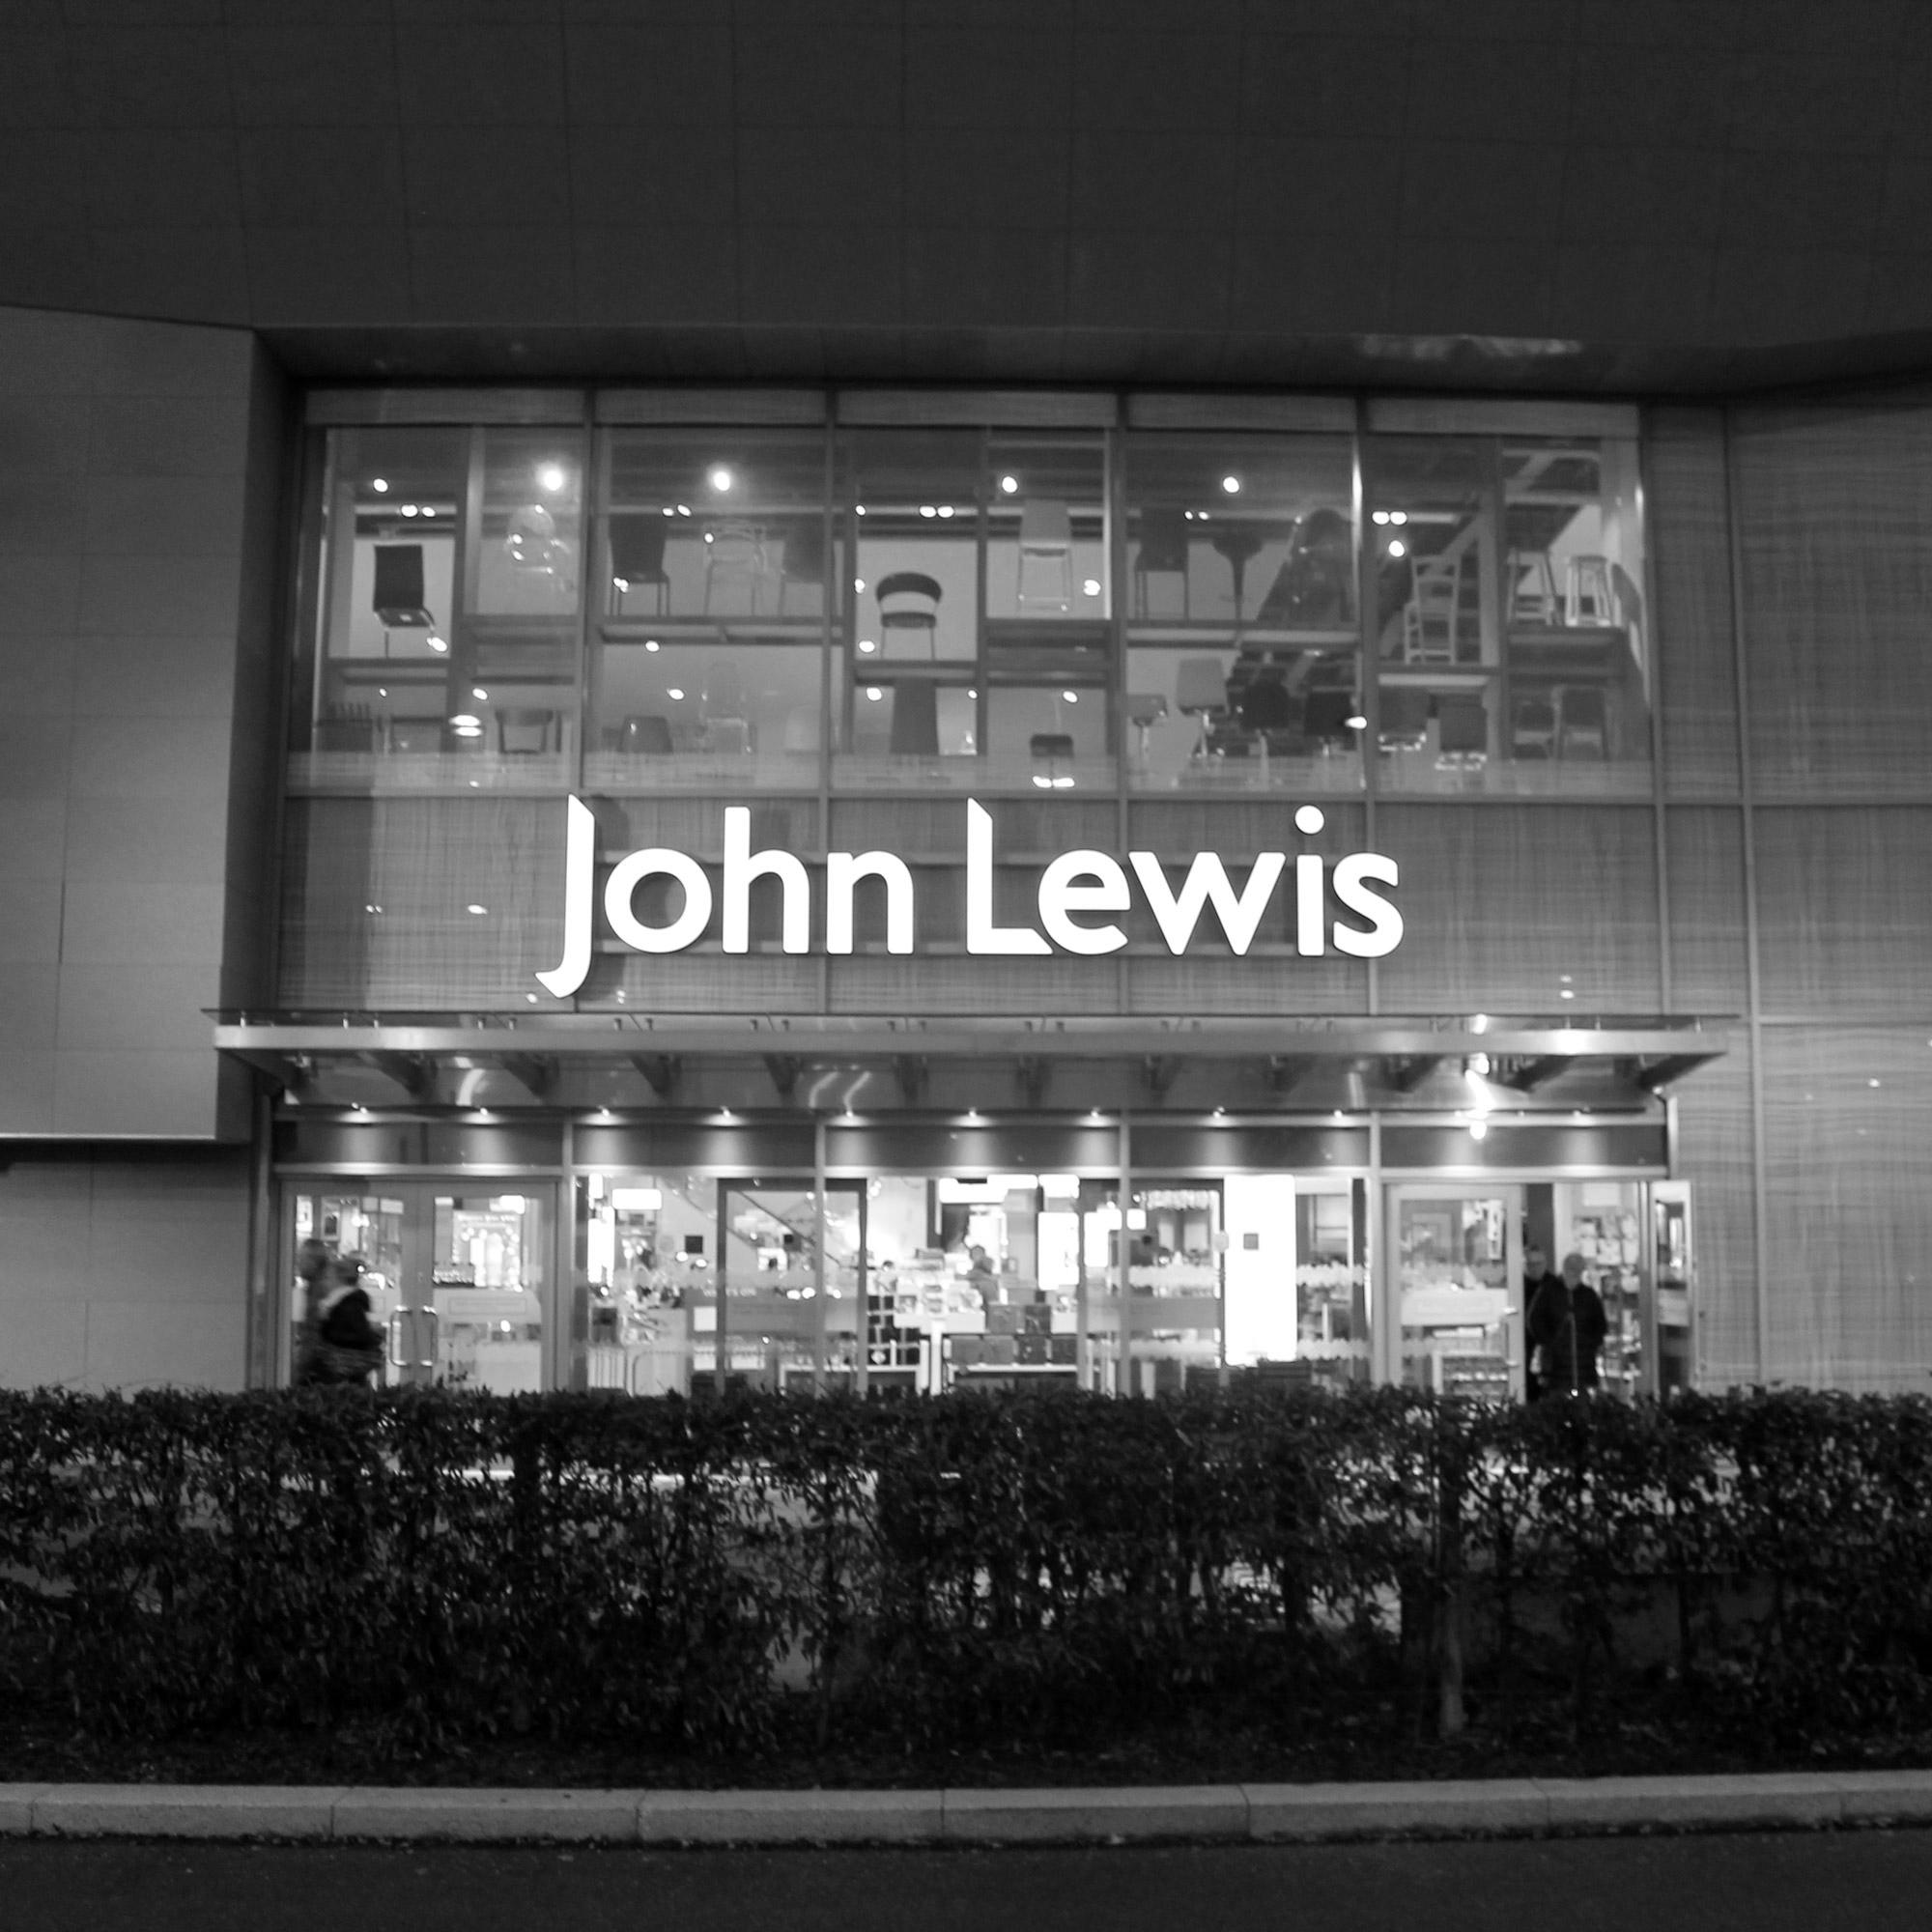 John-Lewis---Moz-The-Monster---York-Building-BW.jpg